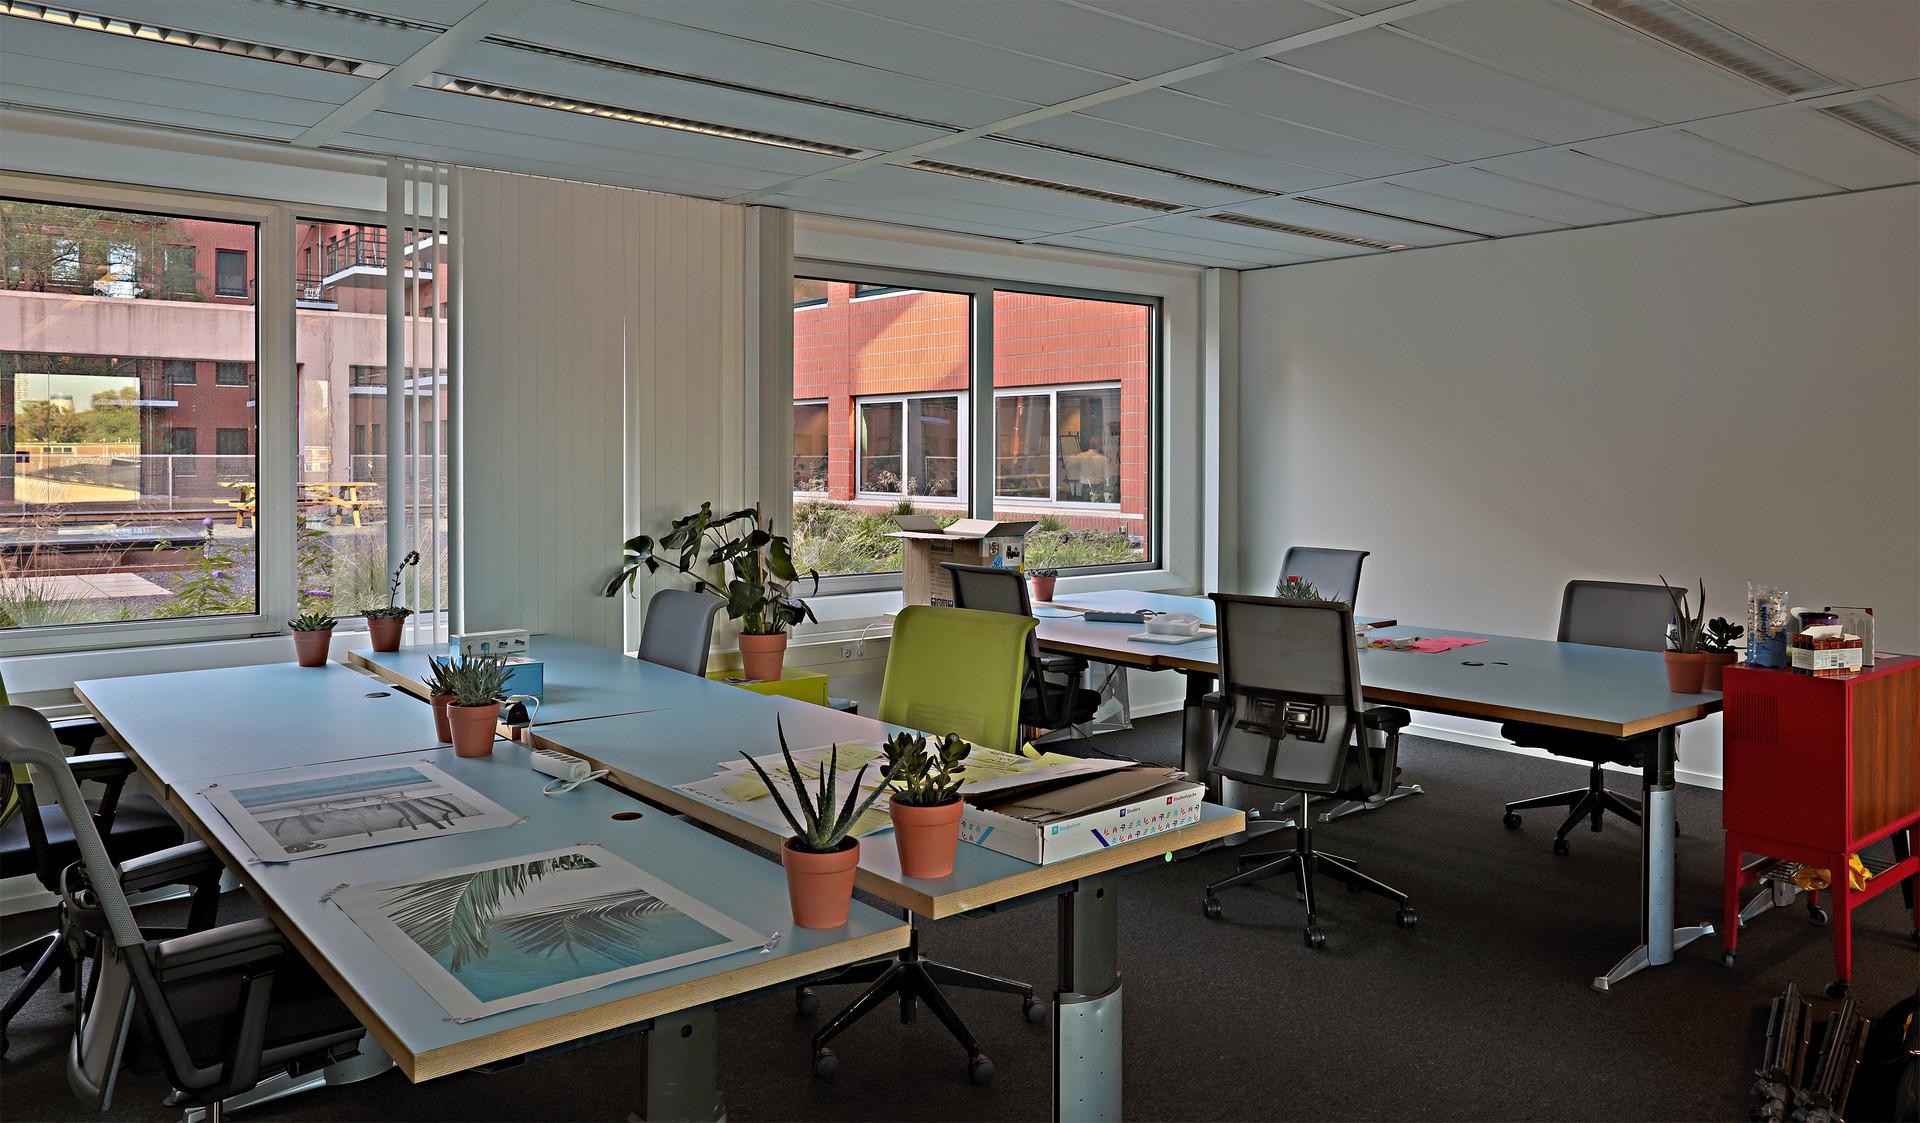 Tweede etage van Q42 Den Haag, de zgn. Hub